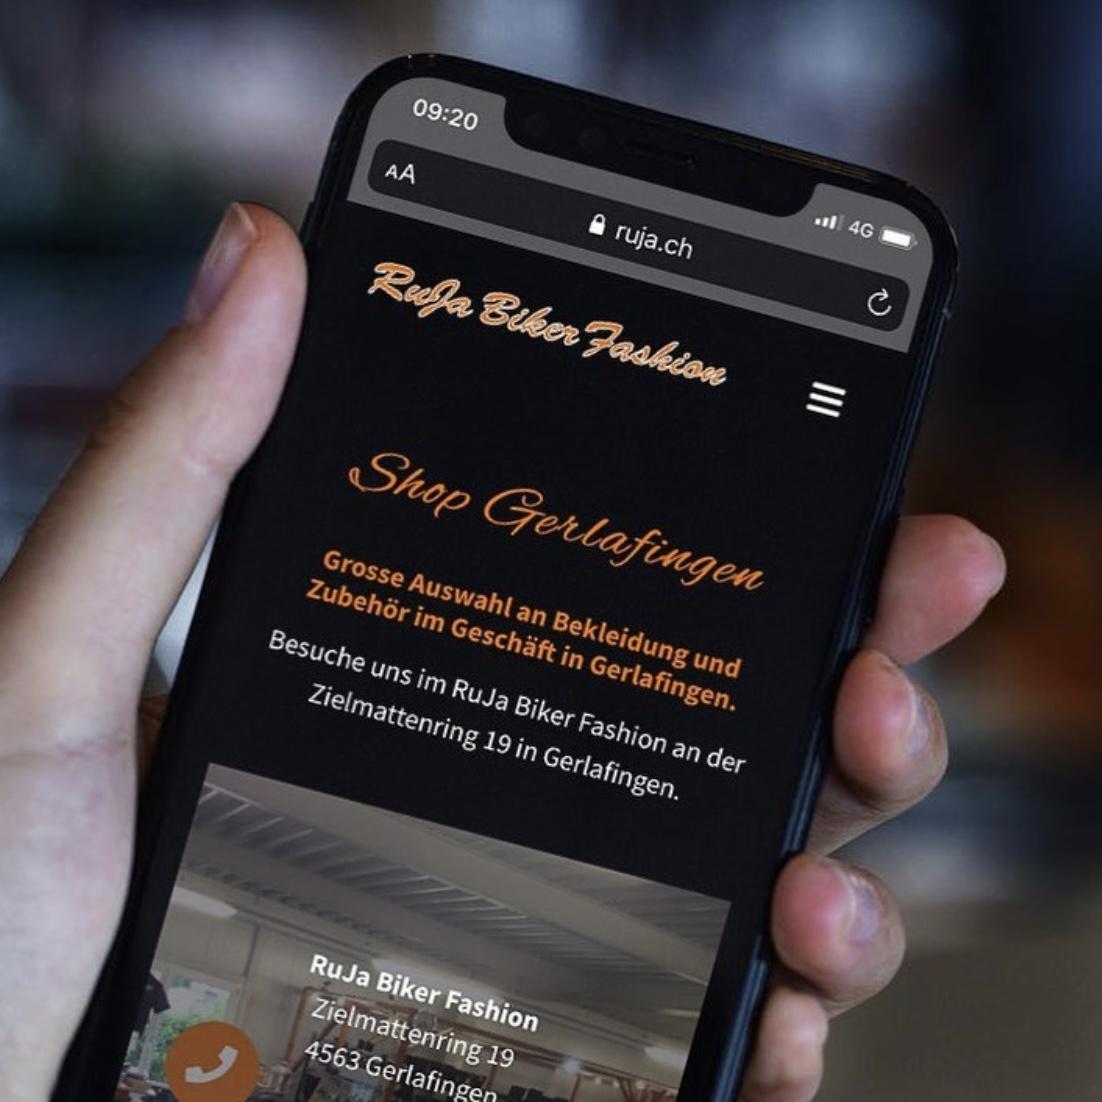 Webseite für RuJa Biker Fashion Gerlafingen